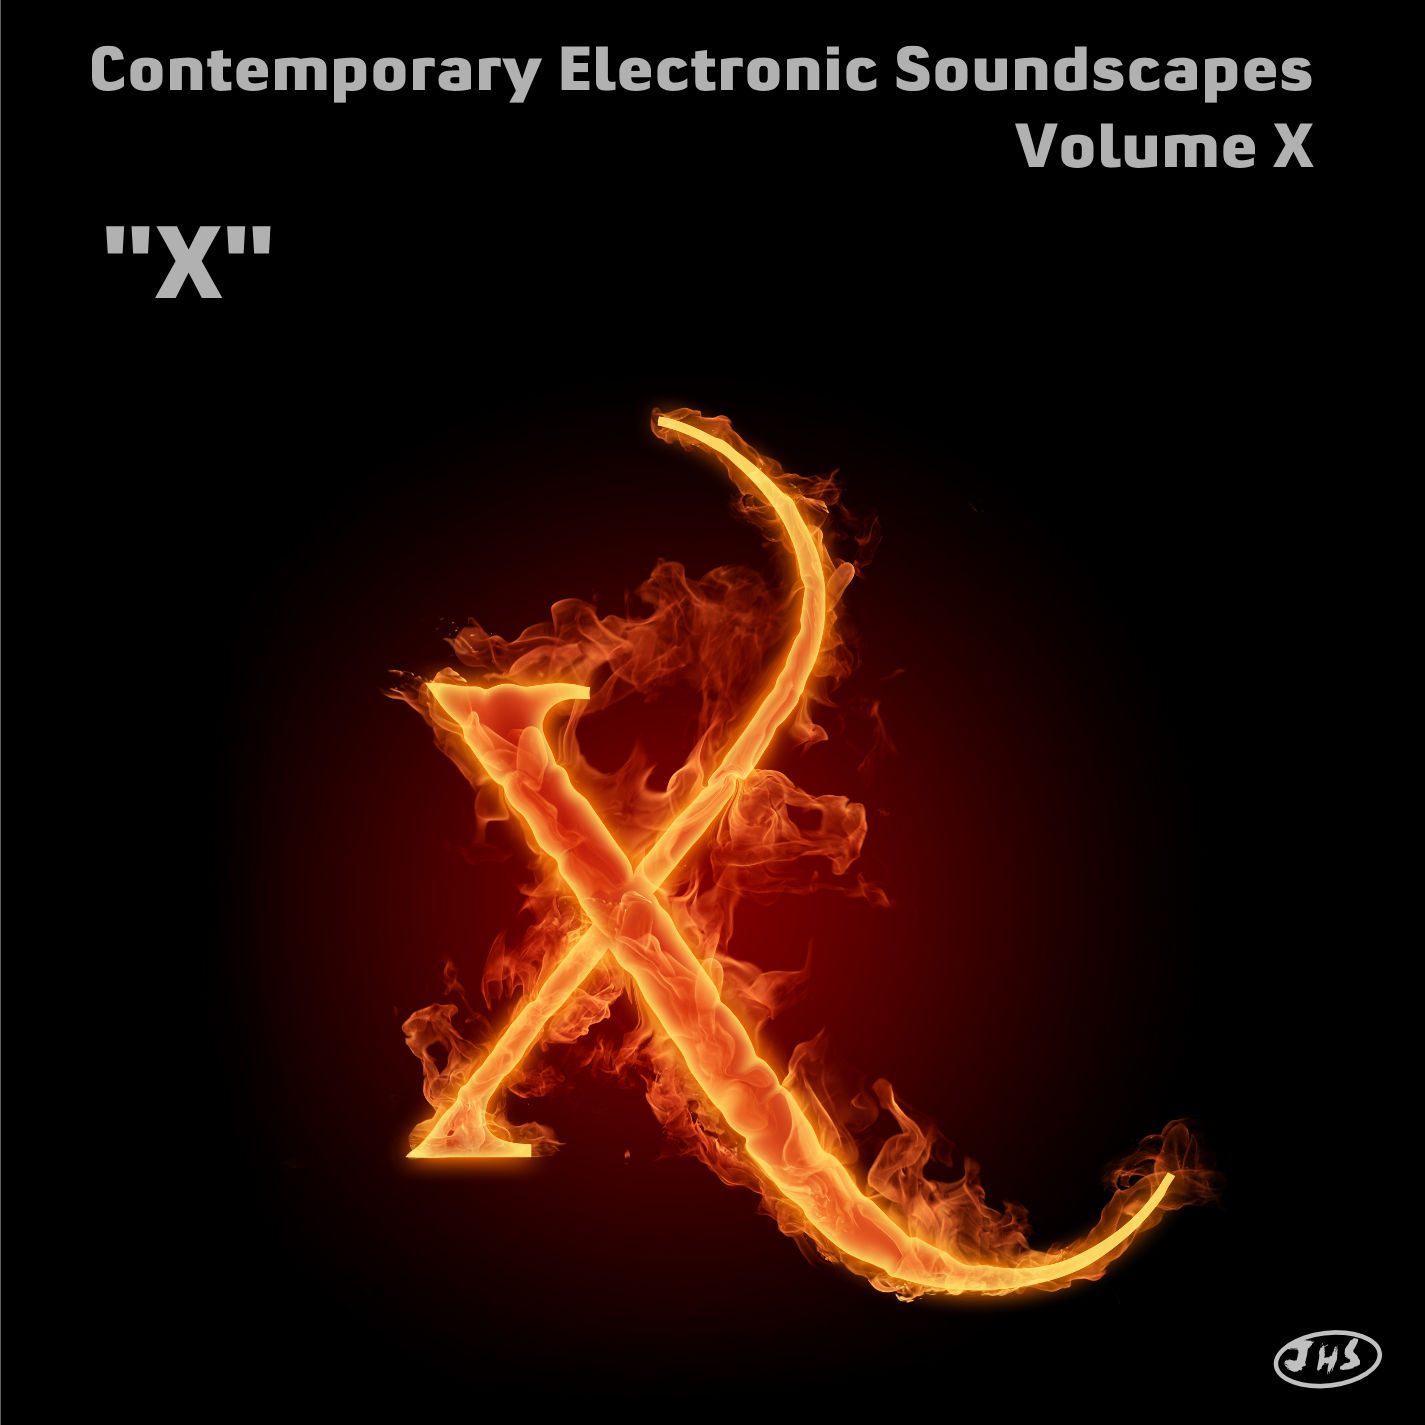 """CES Volume IX """"X"""" cover front 1425x1425"""